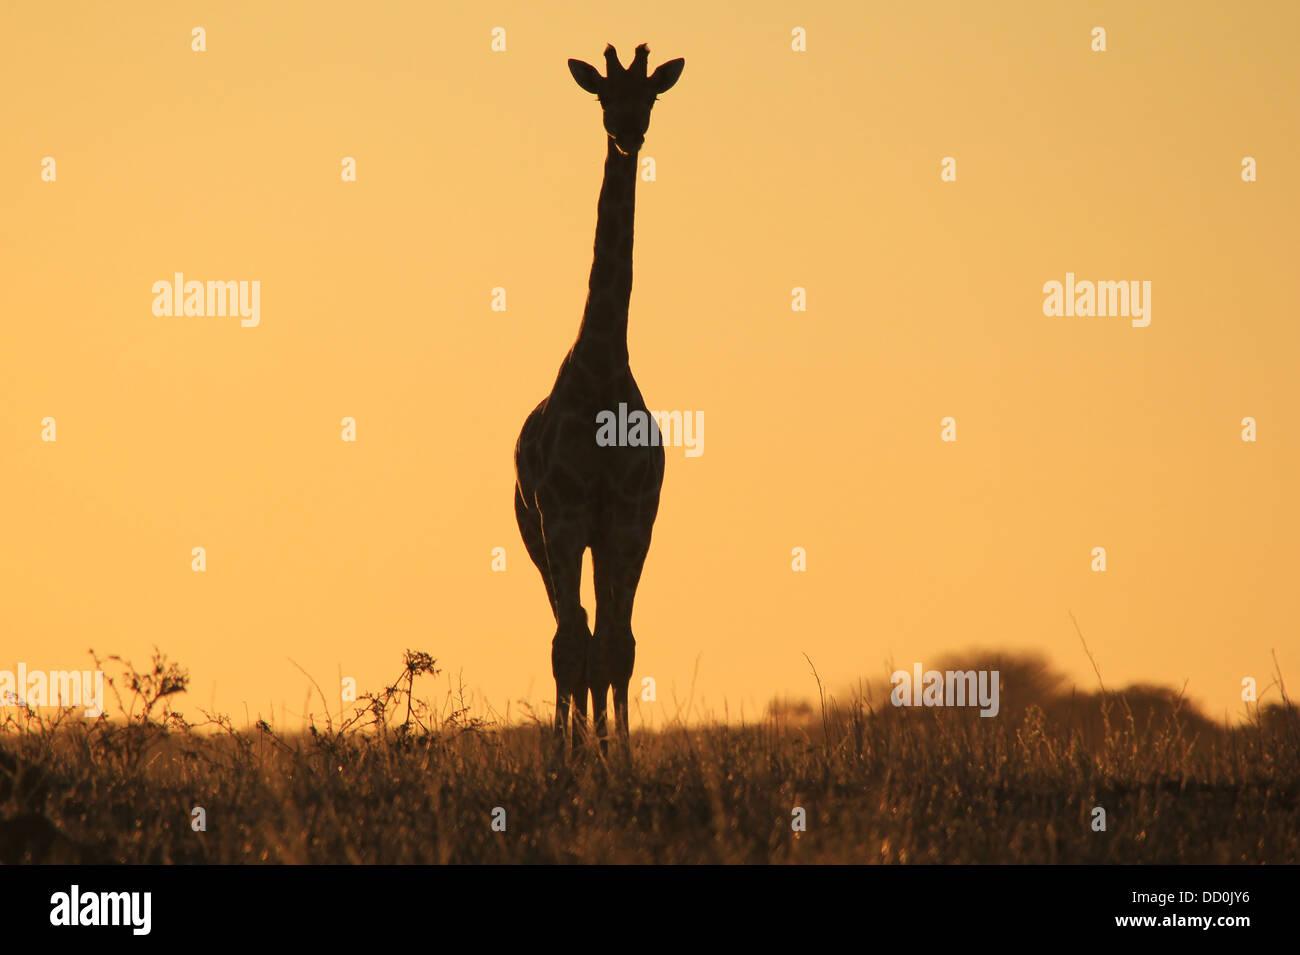 Giraffe Sonnenuntergang Silhouette Hintergrund von Farbe und Schönheit von wild Afrika Stockfoto